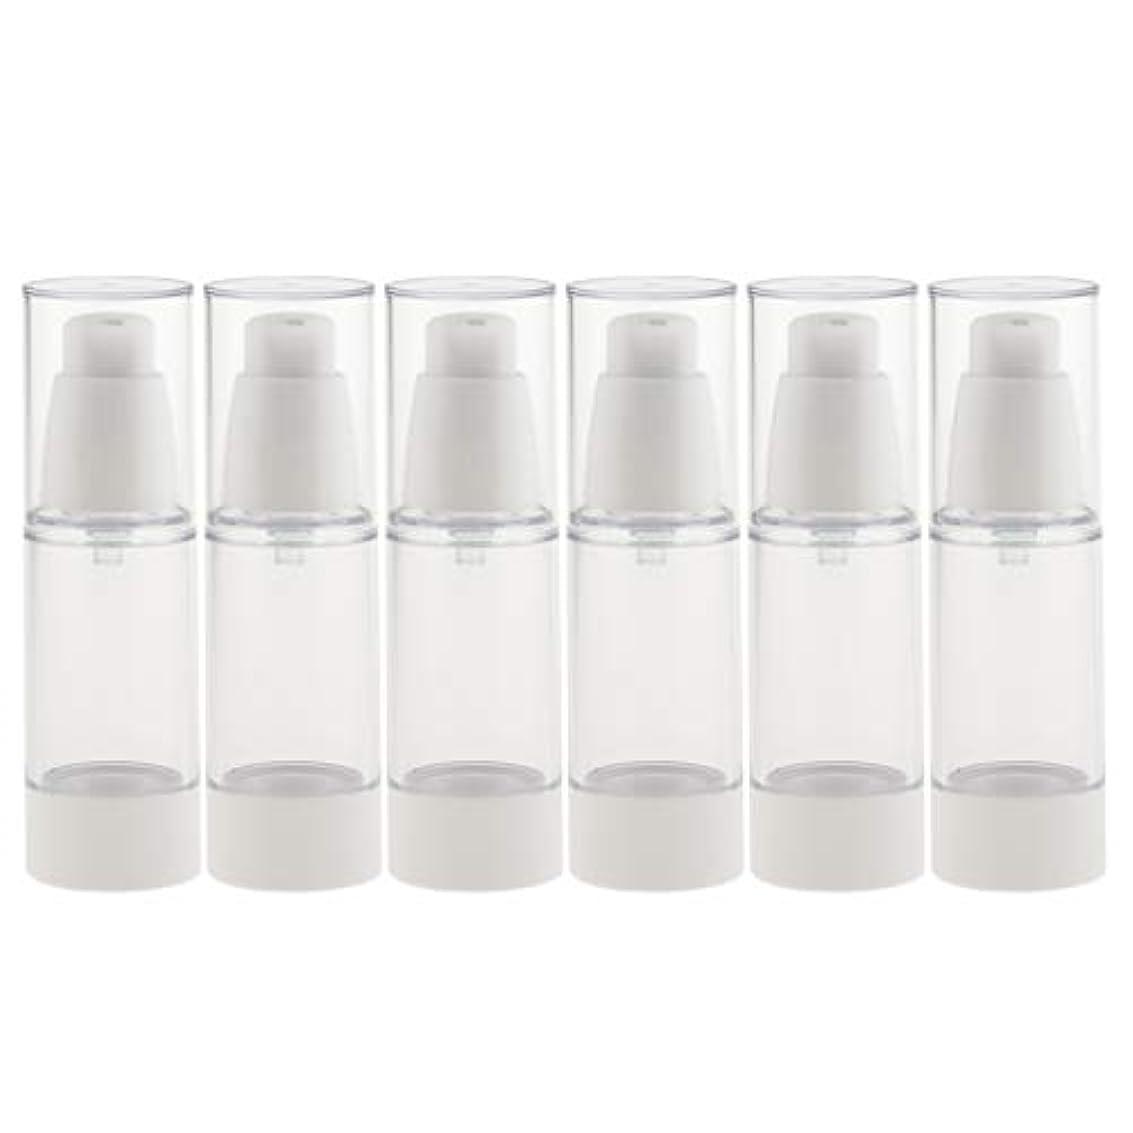 従者化合物妥協6個 真空スプレーボトル ミストボトル 真空ボトル コスメ 詰替え容器 旅行小物 便利 2サイズ選べ - 30ミリリットル